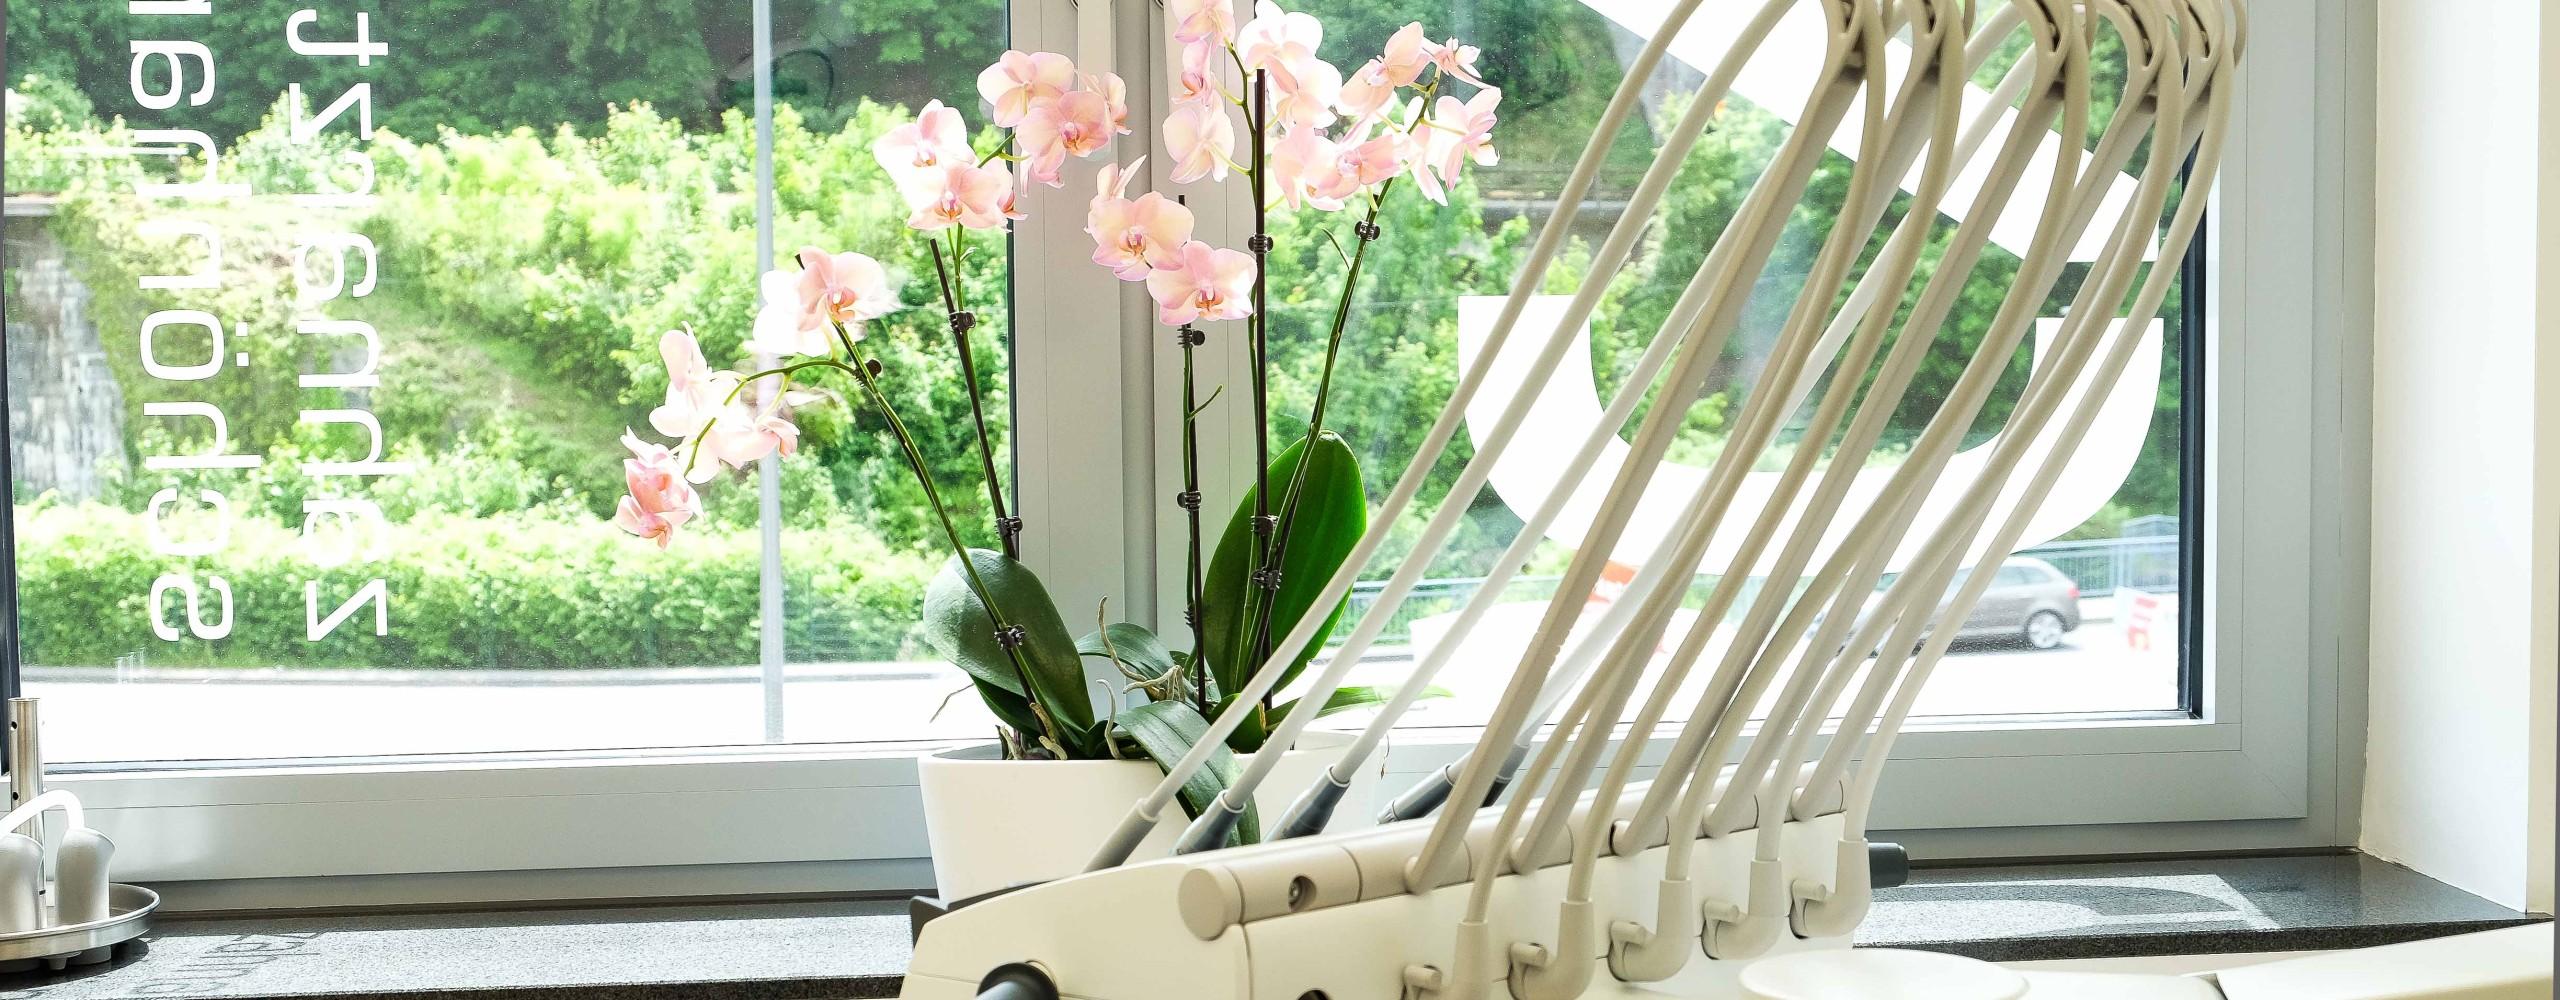 zahnarzt praxis sch nhardt in diez bei limburg an der lahn. Black Bedroom Furniture Sets. Home Design Ideas